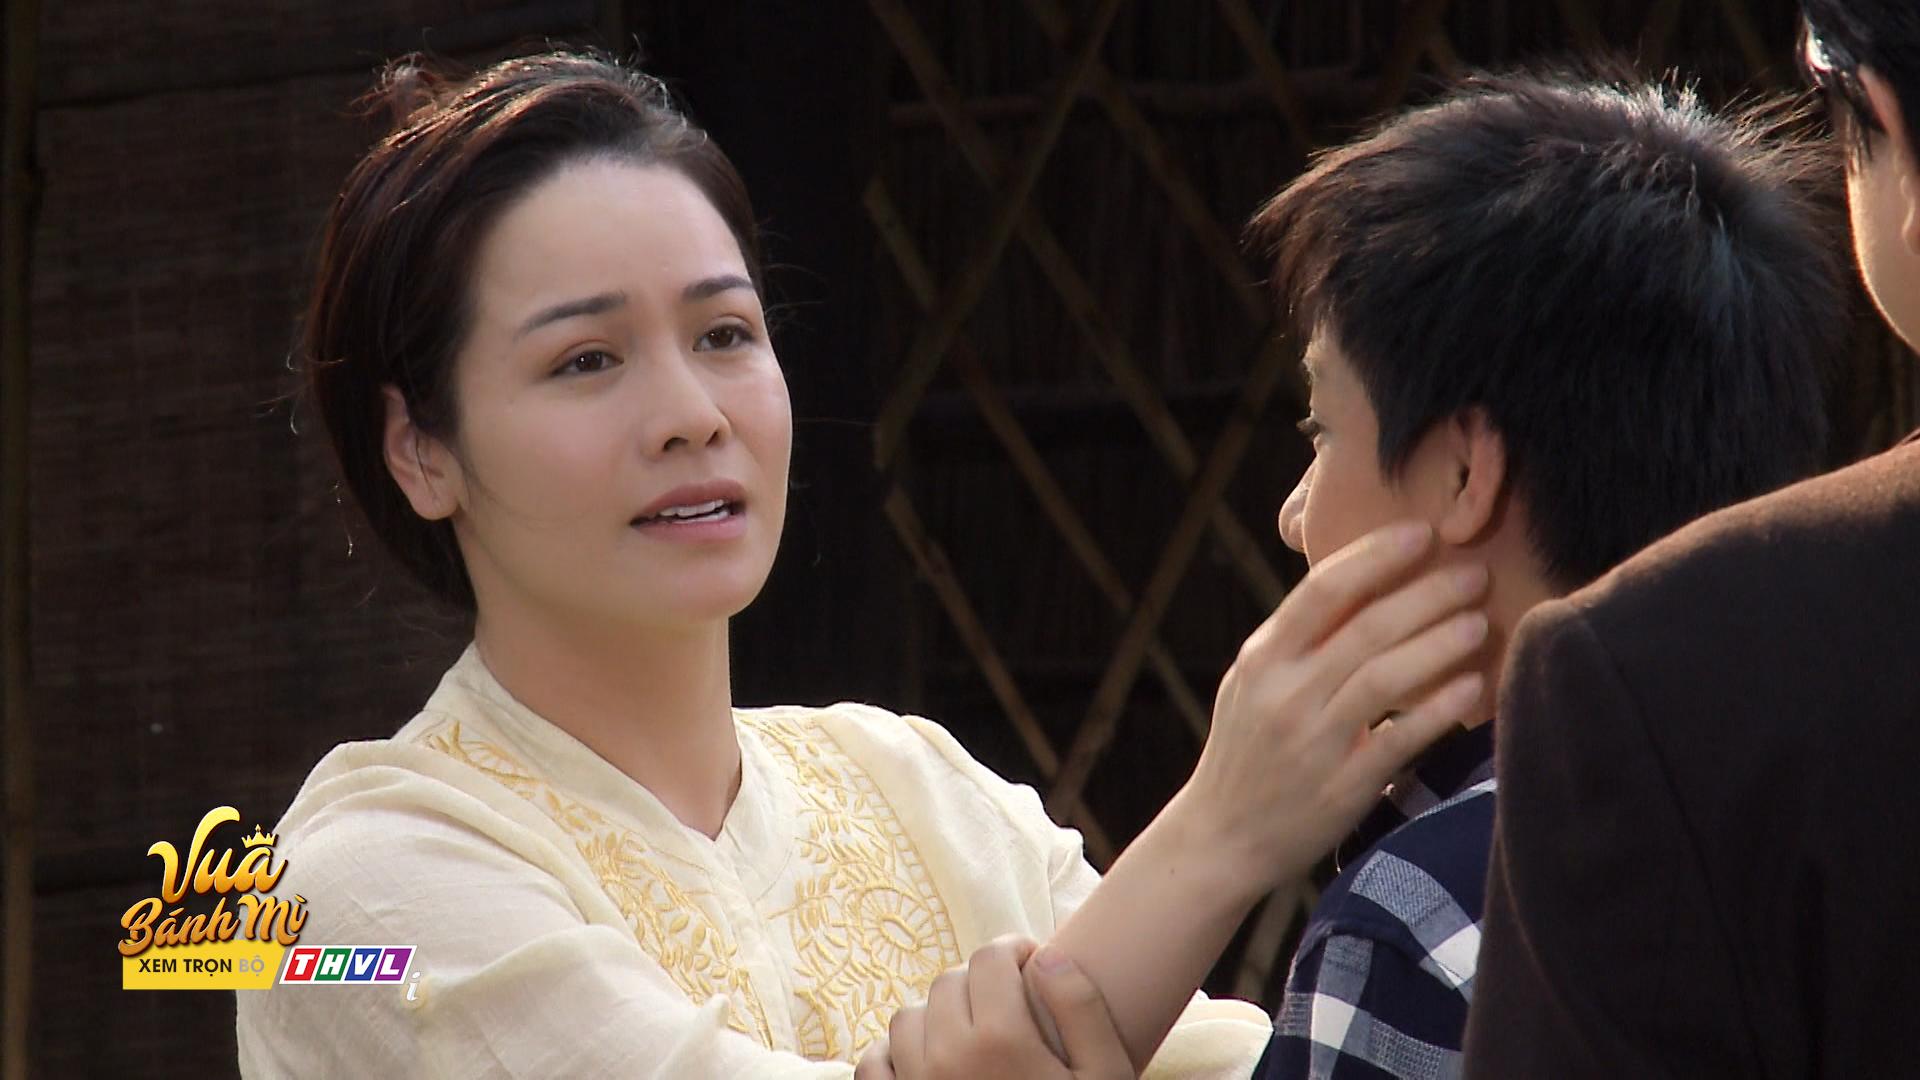 'Vua bánh mì' tập 8: Đúng là 'cha nào con nấy', con trai Cao Minh Đạt cũng sở hữu tài nghệ làm bánh từ cha 11